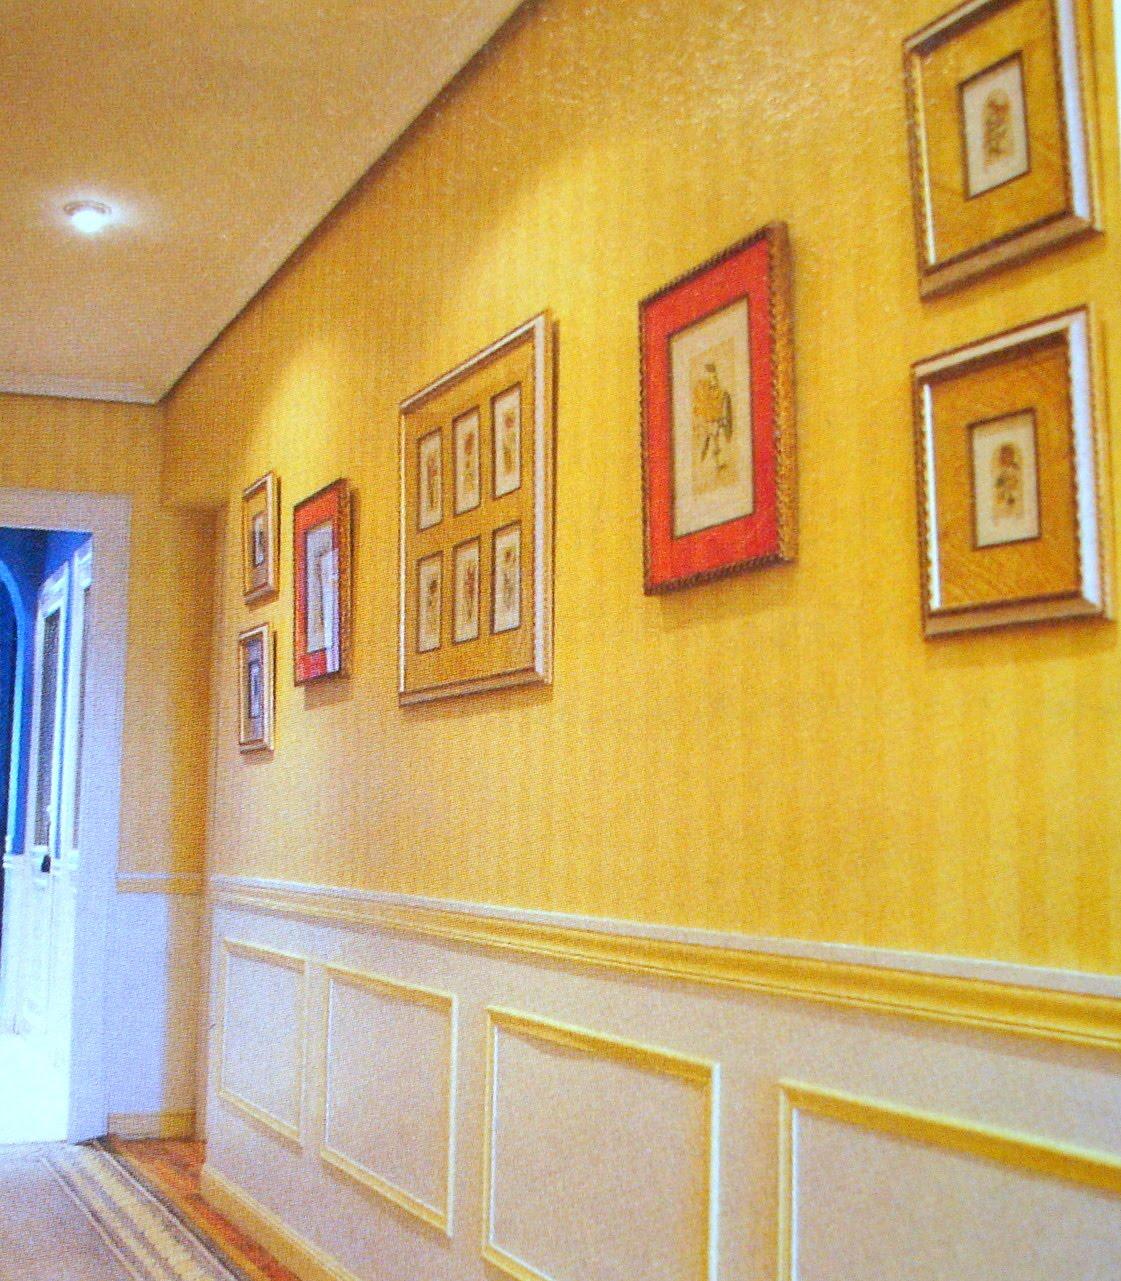 Cuadros para pasillos largos y estrechos stunning si with - Cuadros para pasillos largos ...